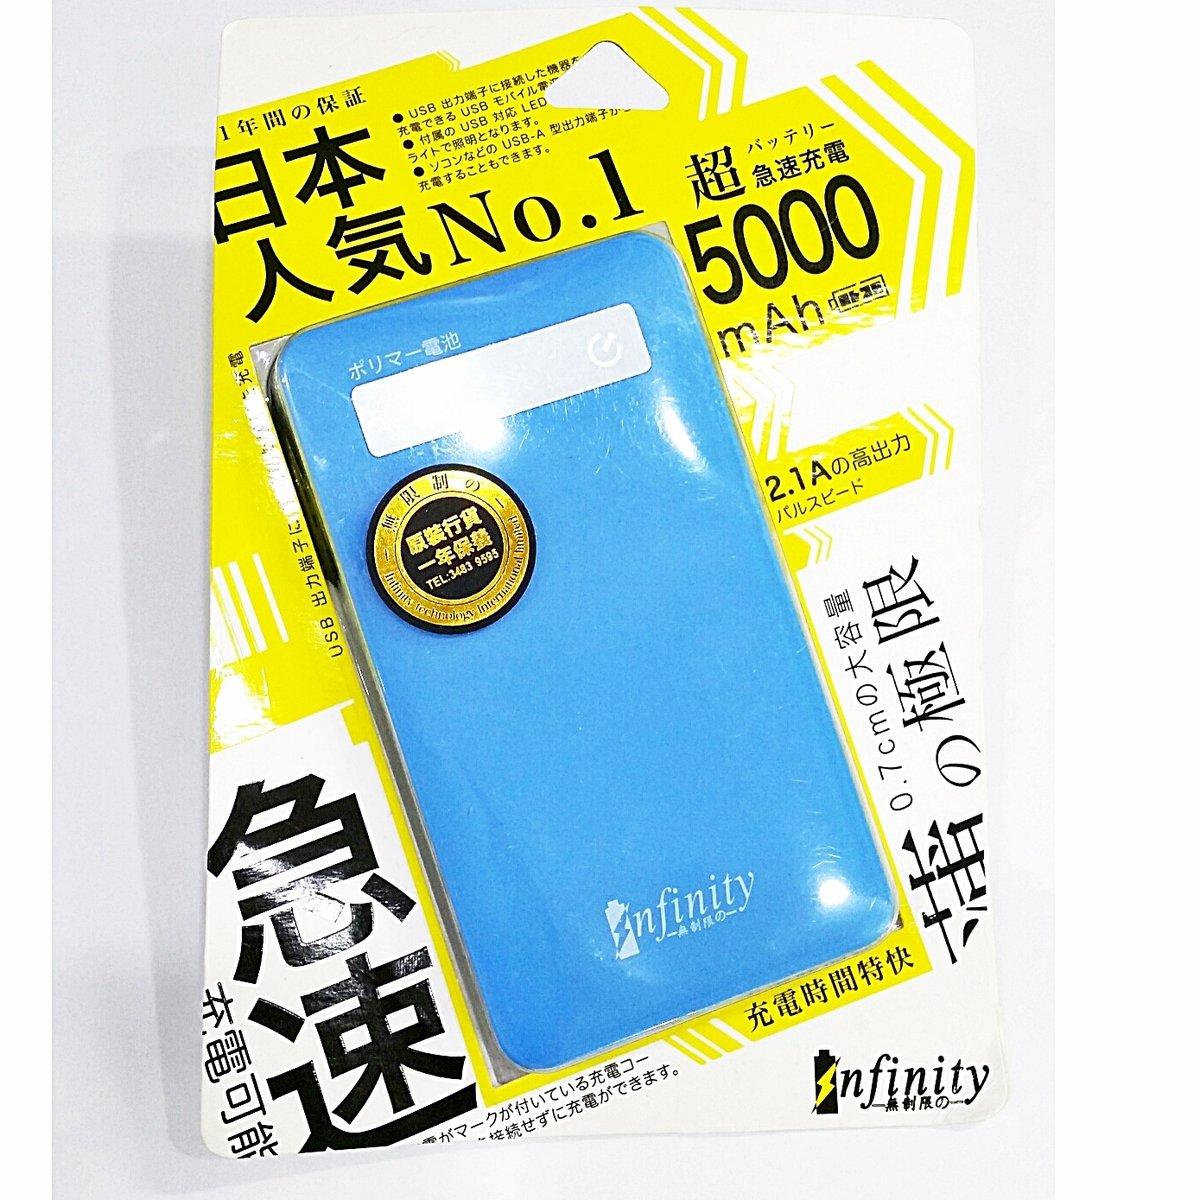 INFINITY-PRO C5 5000mAh 外置充電器